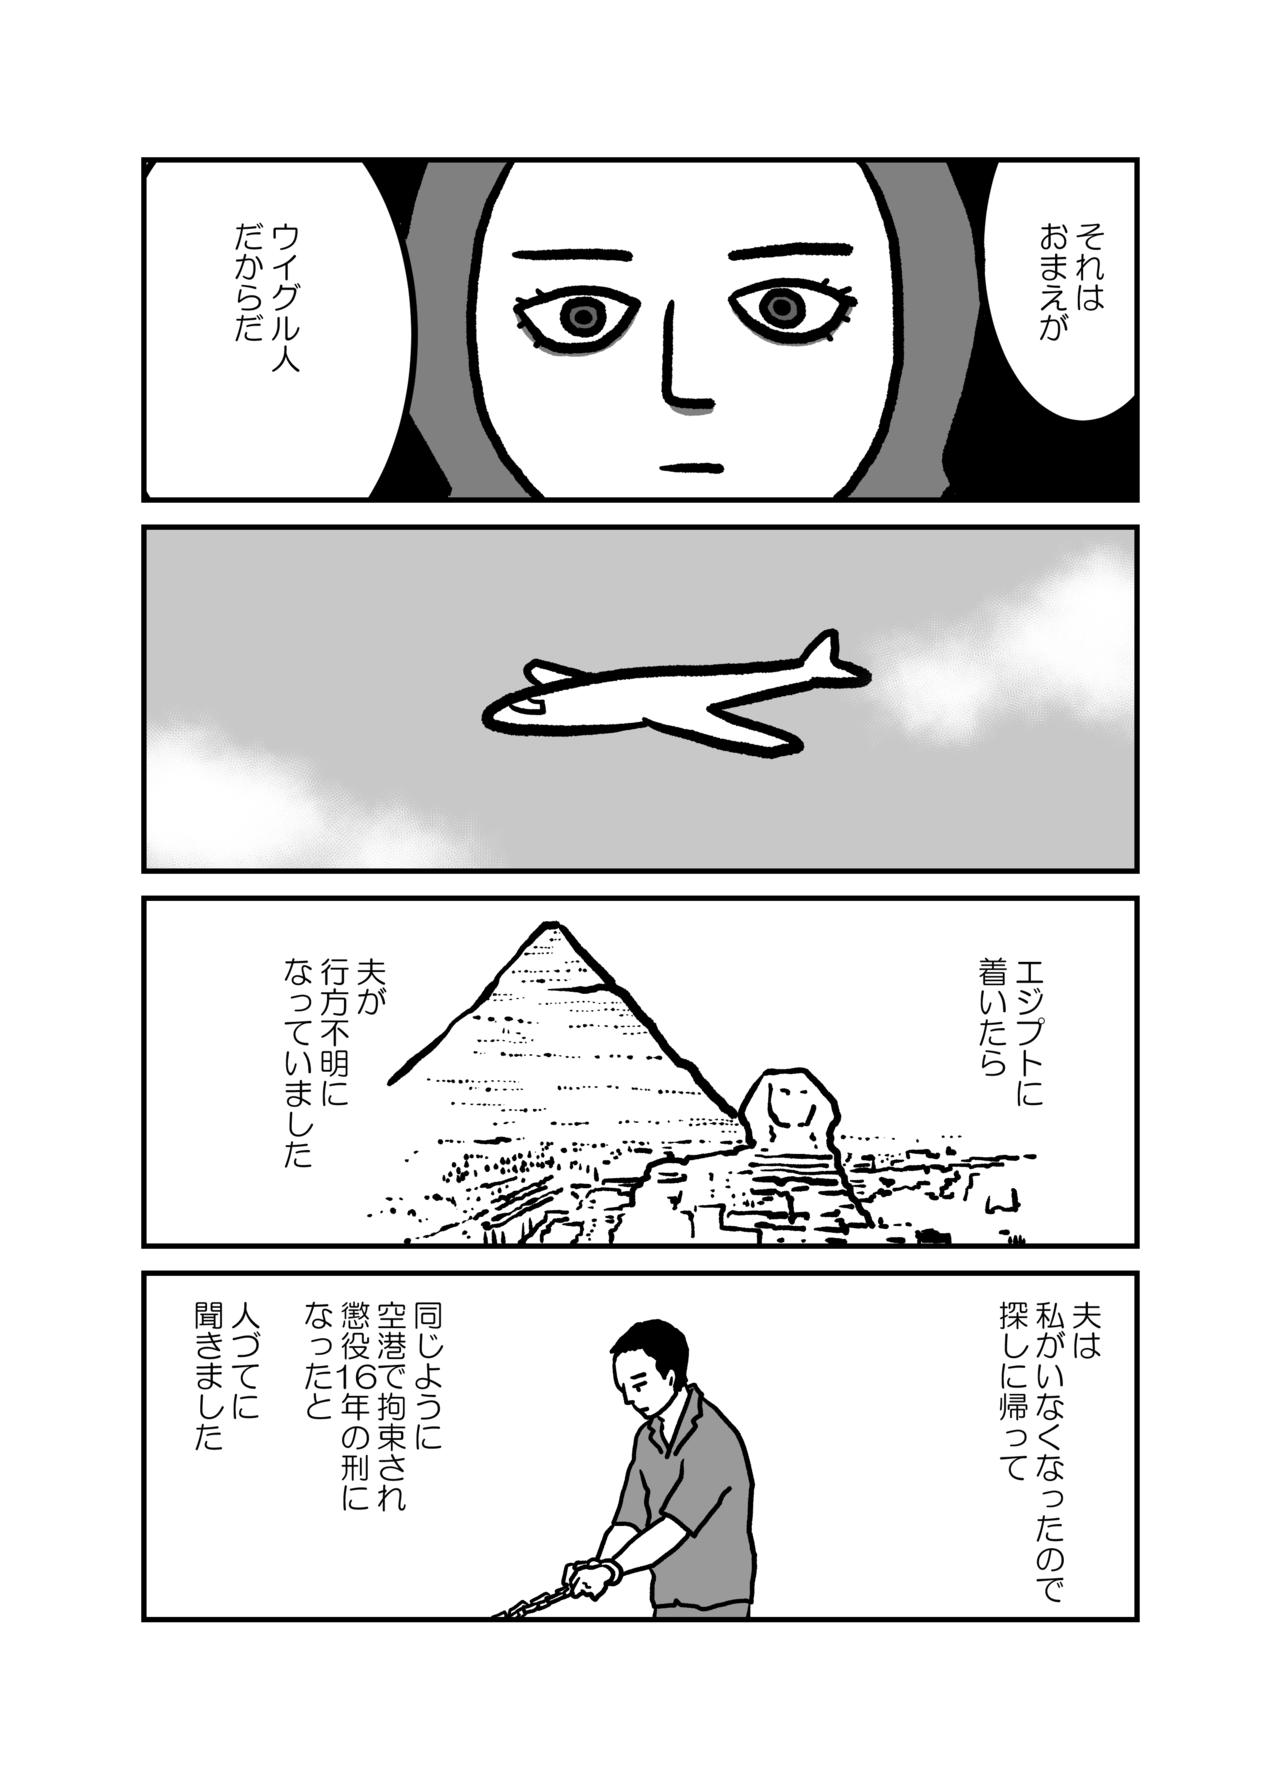 証言集会マンガ13